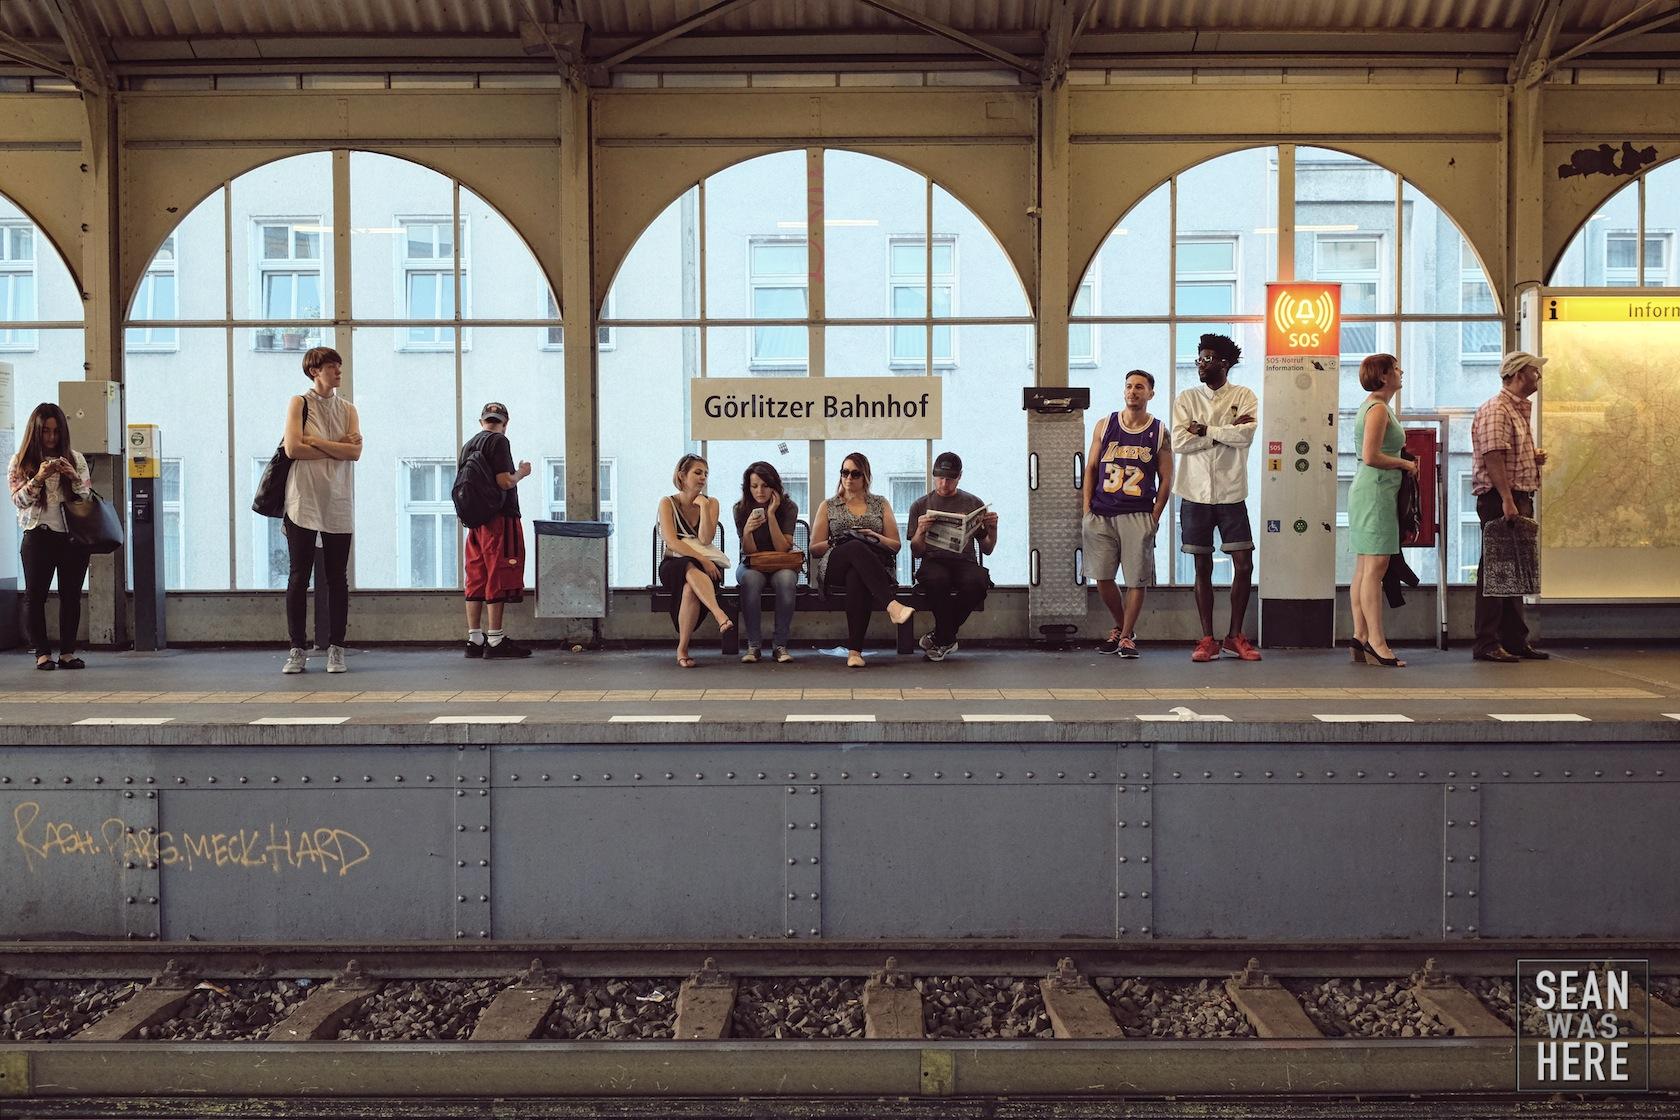 Görlitzer Bahnhof Metro. Berlin Germany